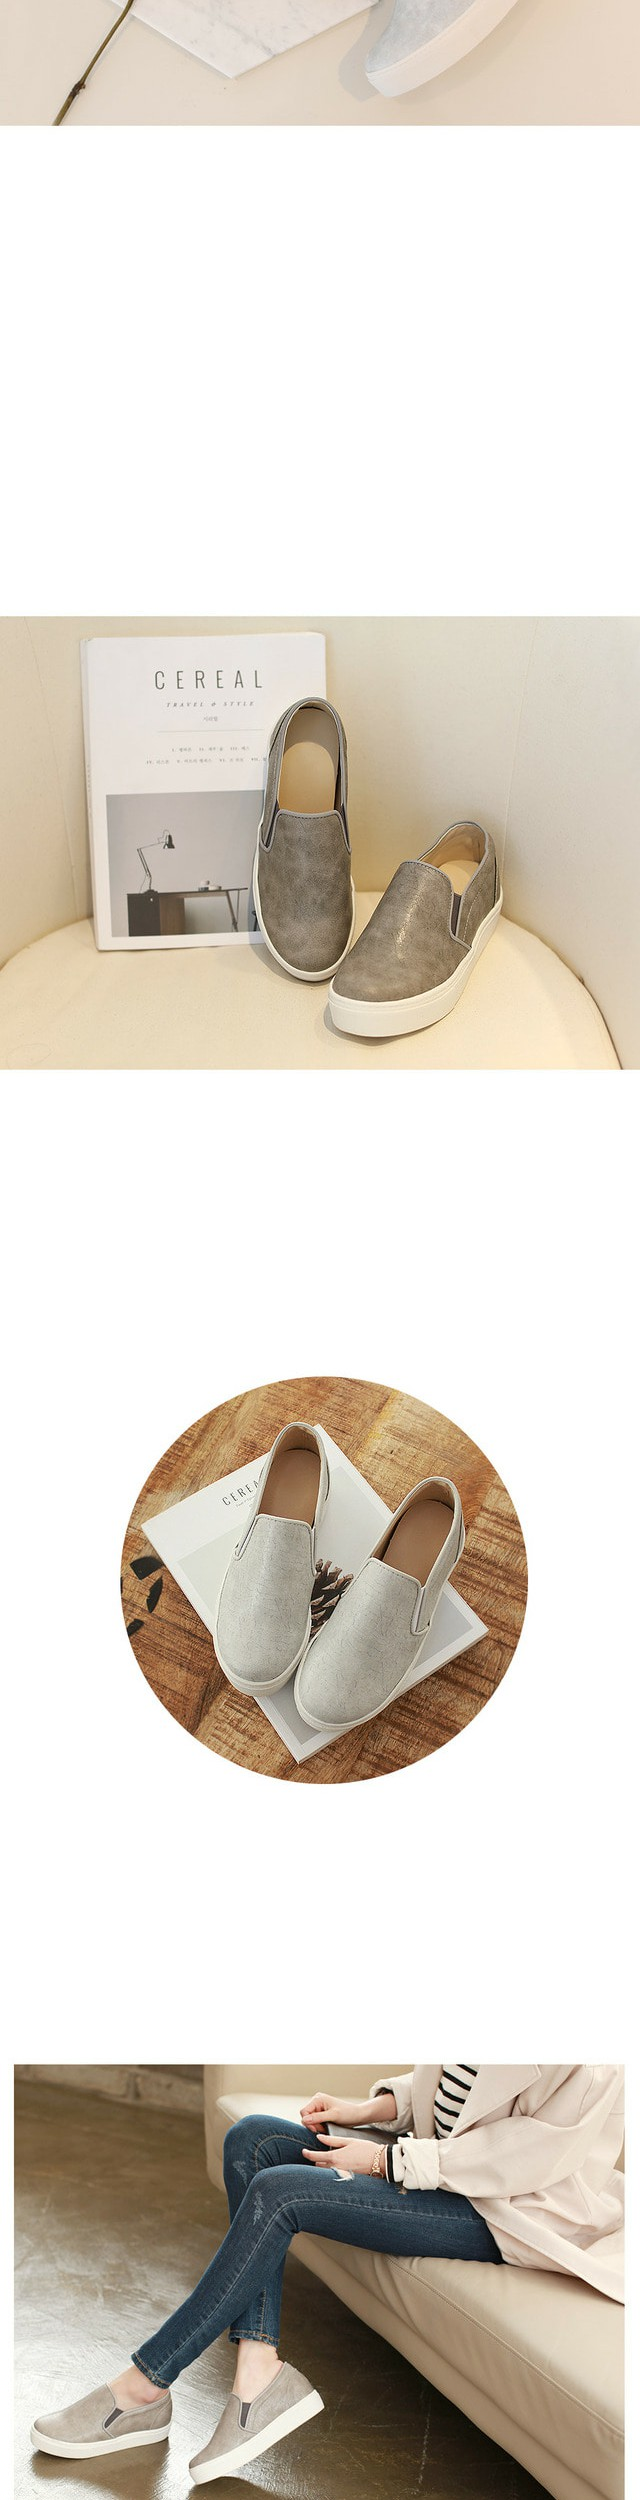 Mini aisle slip-on 5cm